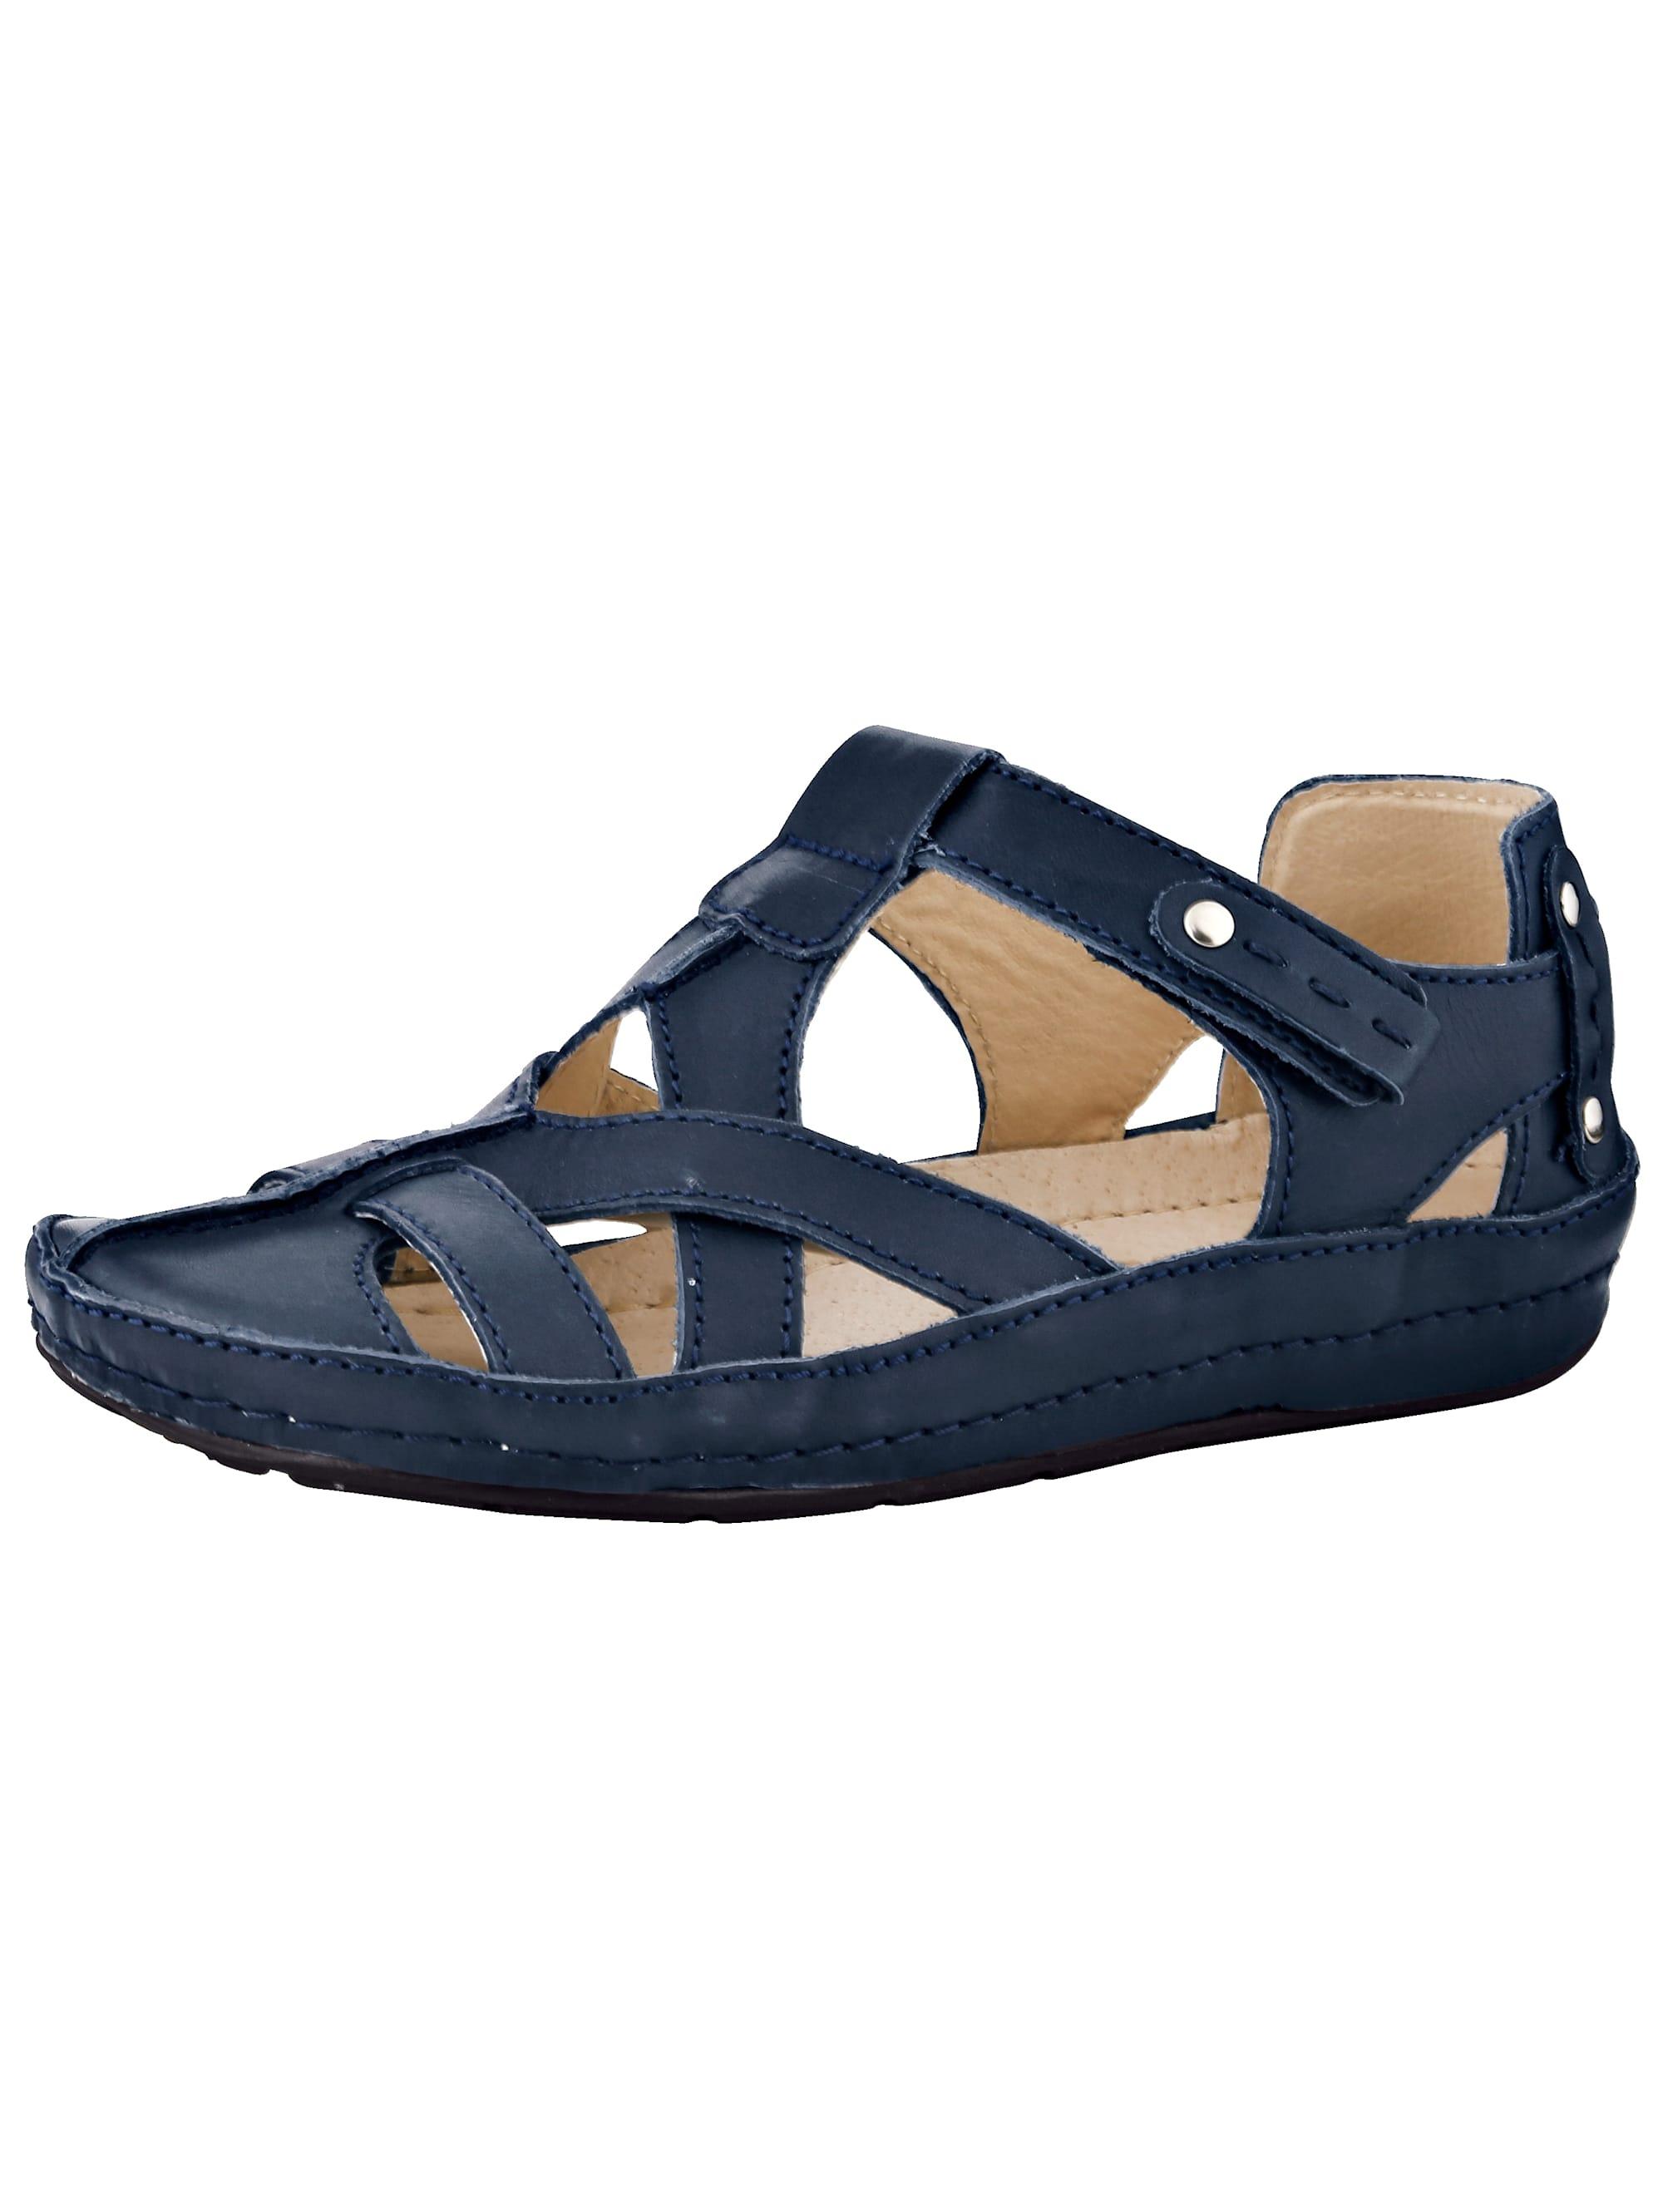 Naturläufer Klettslipper blau Damen Slipper Loafer Business-Schuhe für Sie Slipper/ Halbschuhe